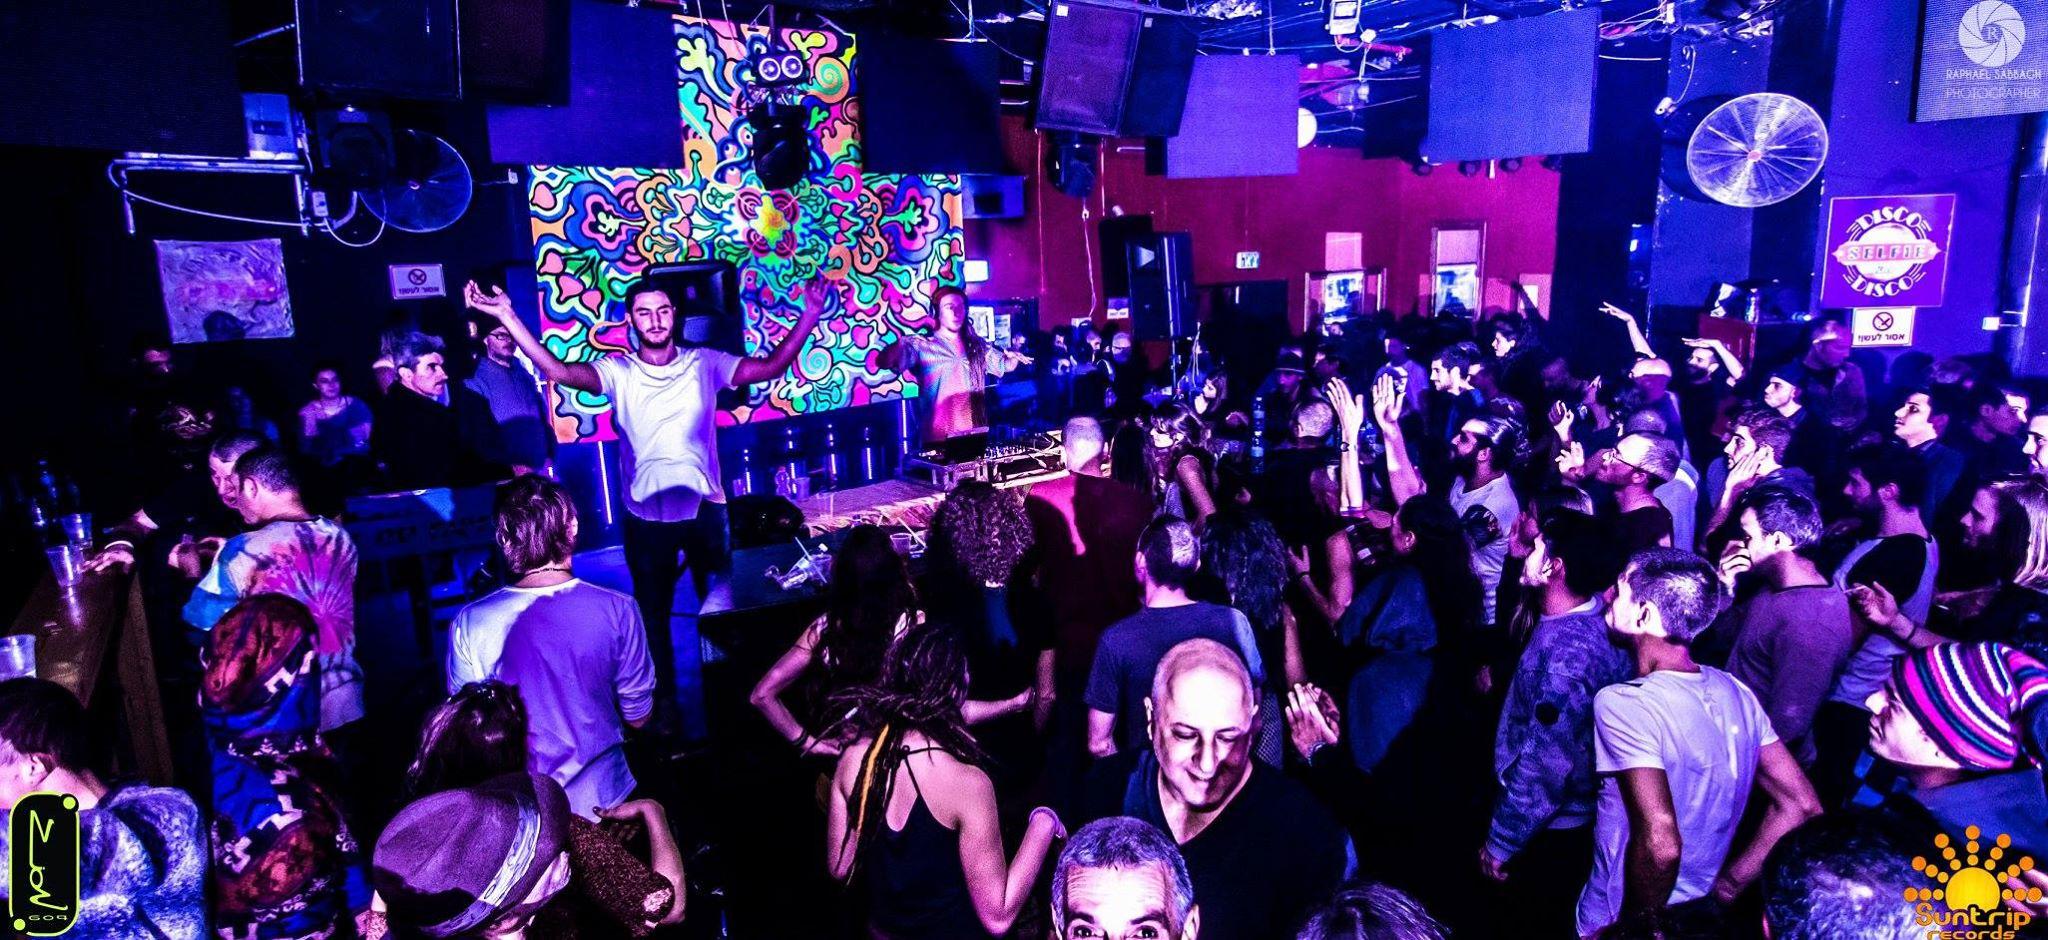 מסיבת לייבל זאיון 604 עם סאנטריפ גואה טראנס בתל אביב